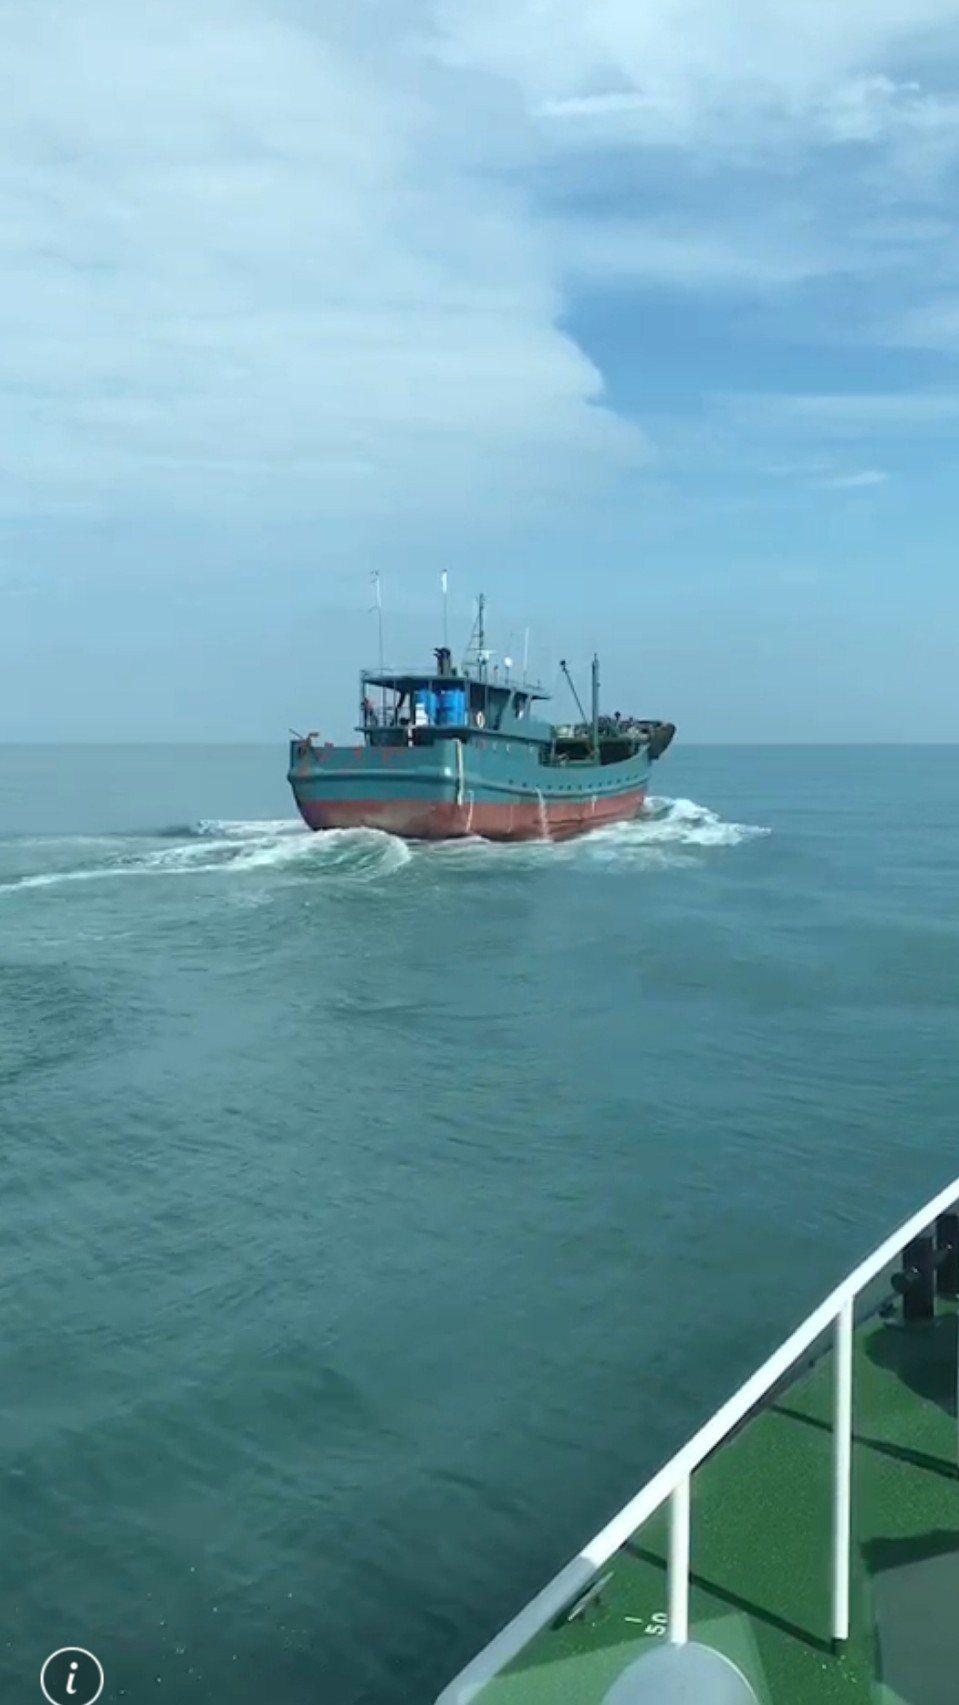 海巡署台中海巡隊今天驅逐越界的陸船,該船負責人被罰鍰,錢已匯入國庫。圖/台中海巡...